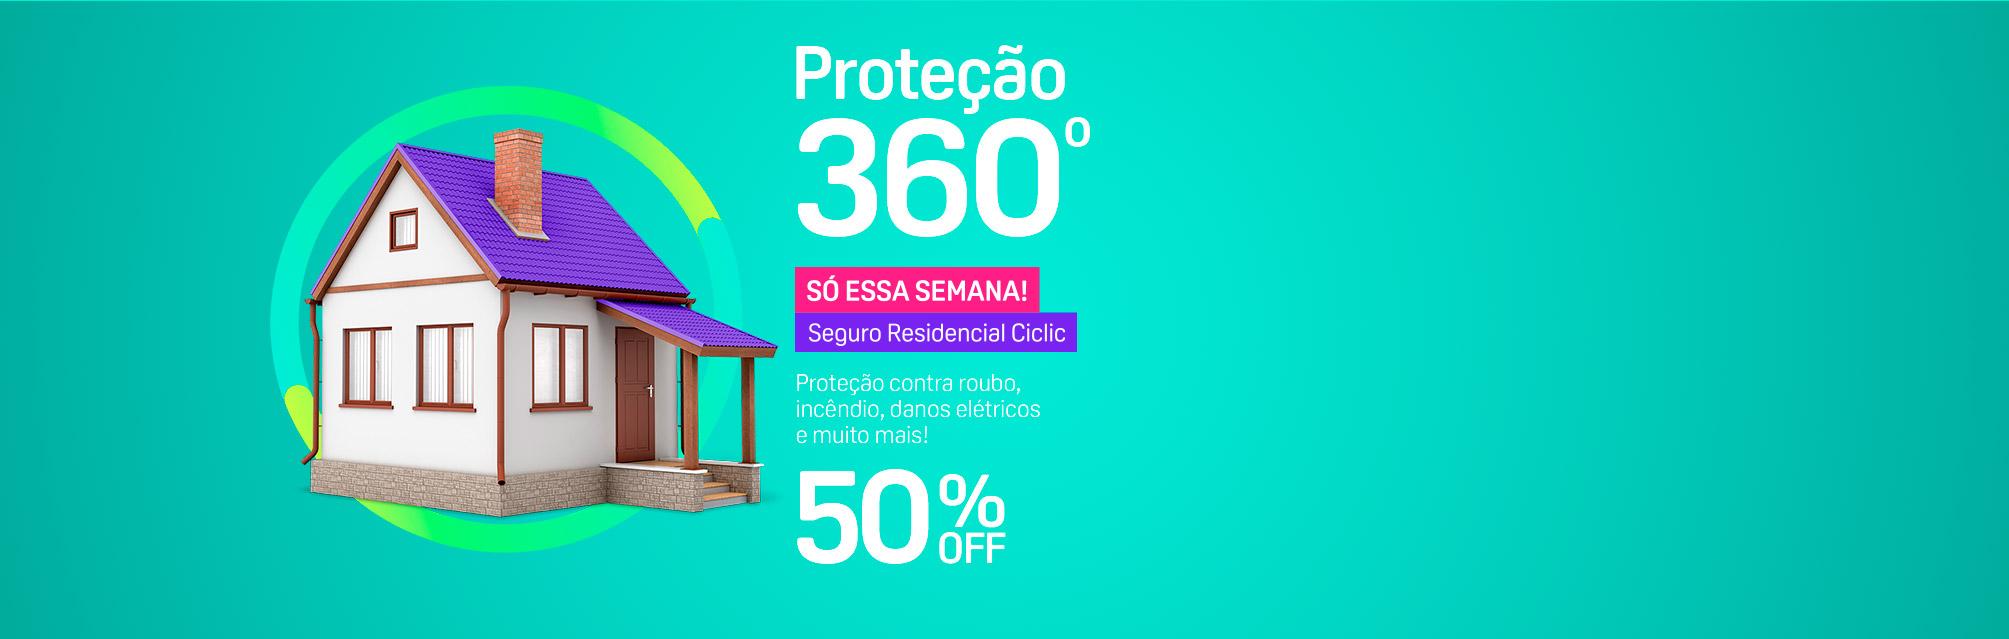 Proteção 360º - Proteção contra roubo, incêndio, danos elétricos e muito mais!